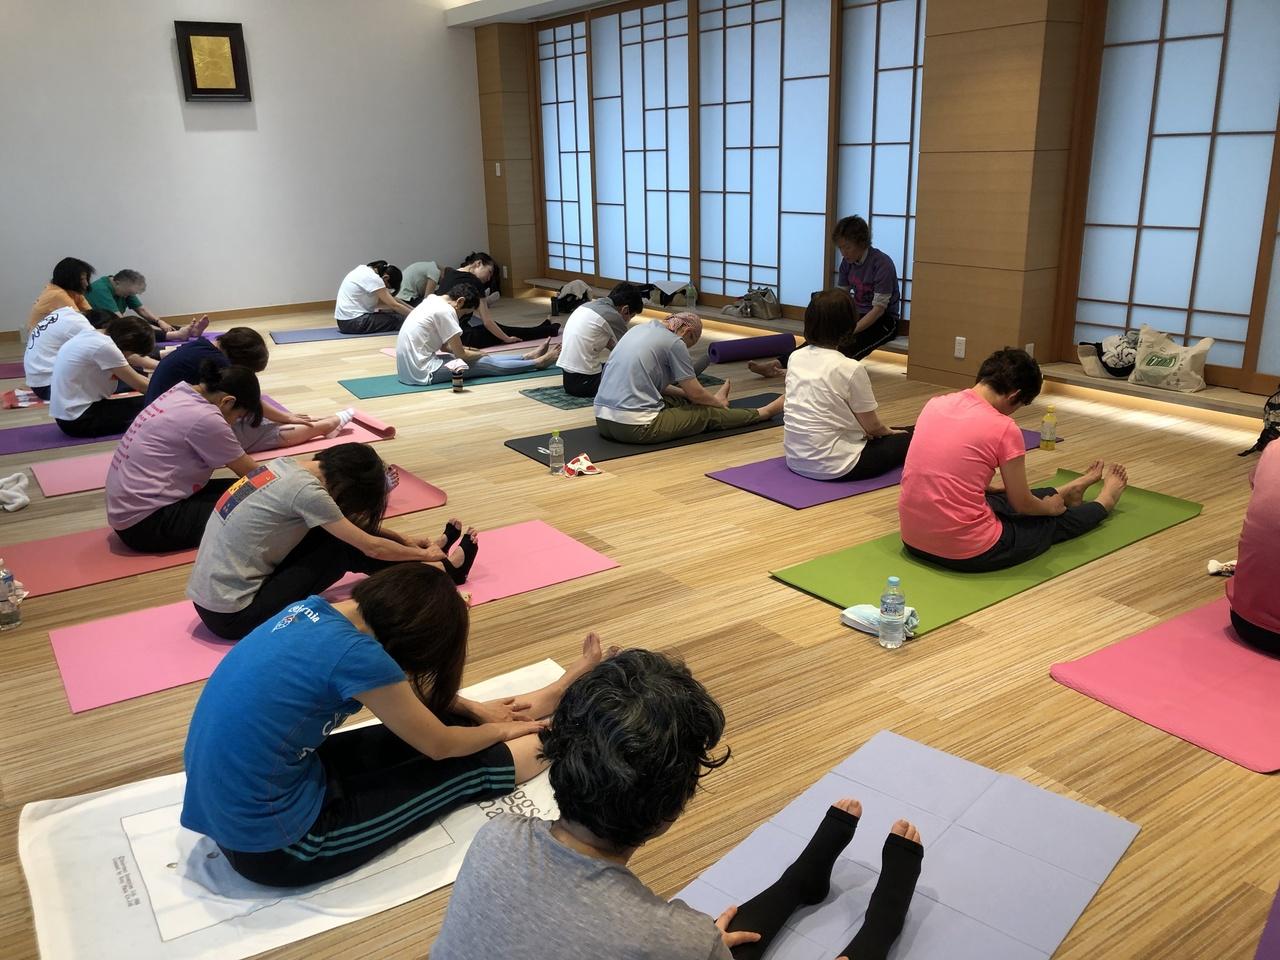 キャンサーヨガ&ピラティス教室 12月22日(日)10:15〜11:45